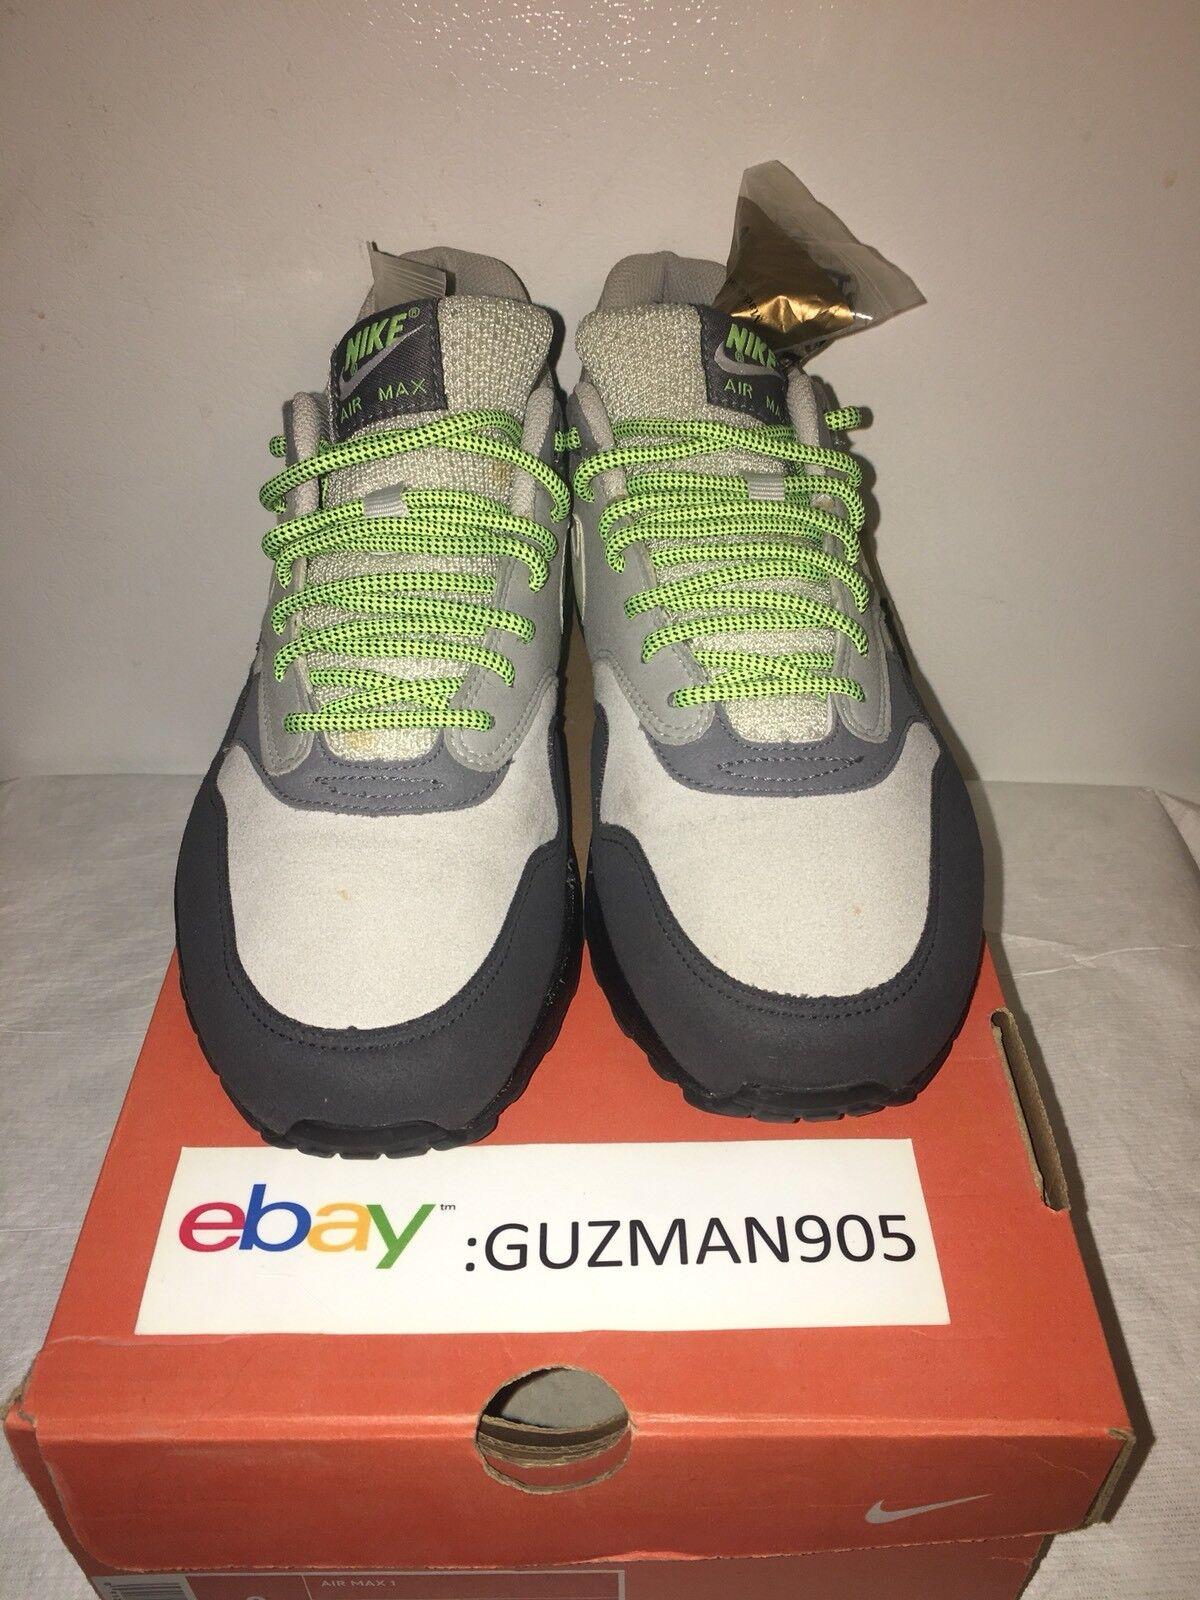 2018 Nike Air Max 1 Dave White Size? Size 8 312542 011 Patta Atmos Euro 87